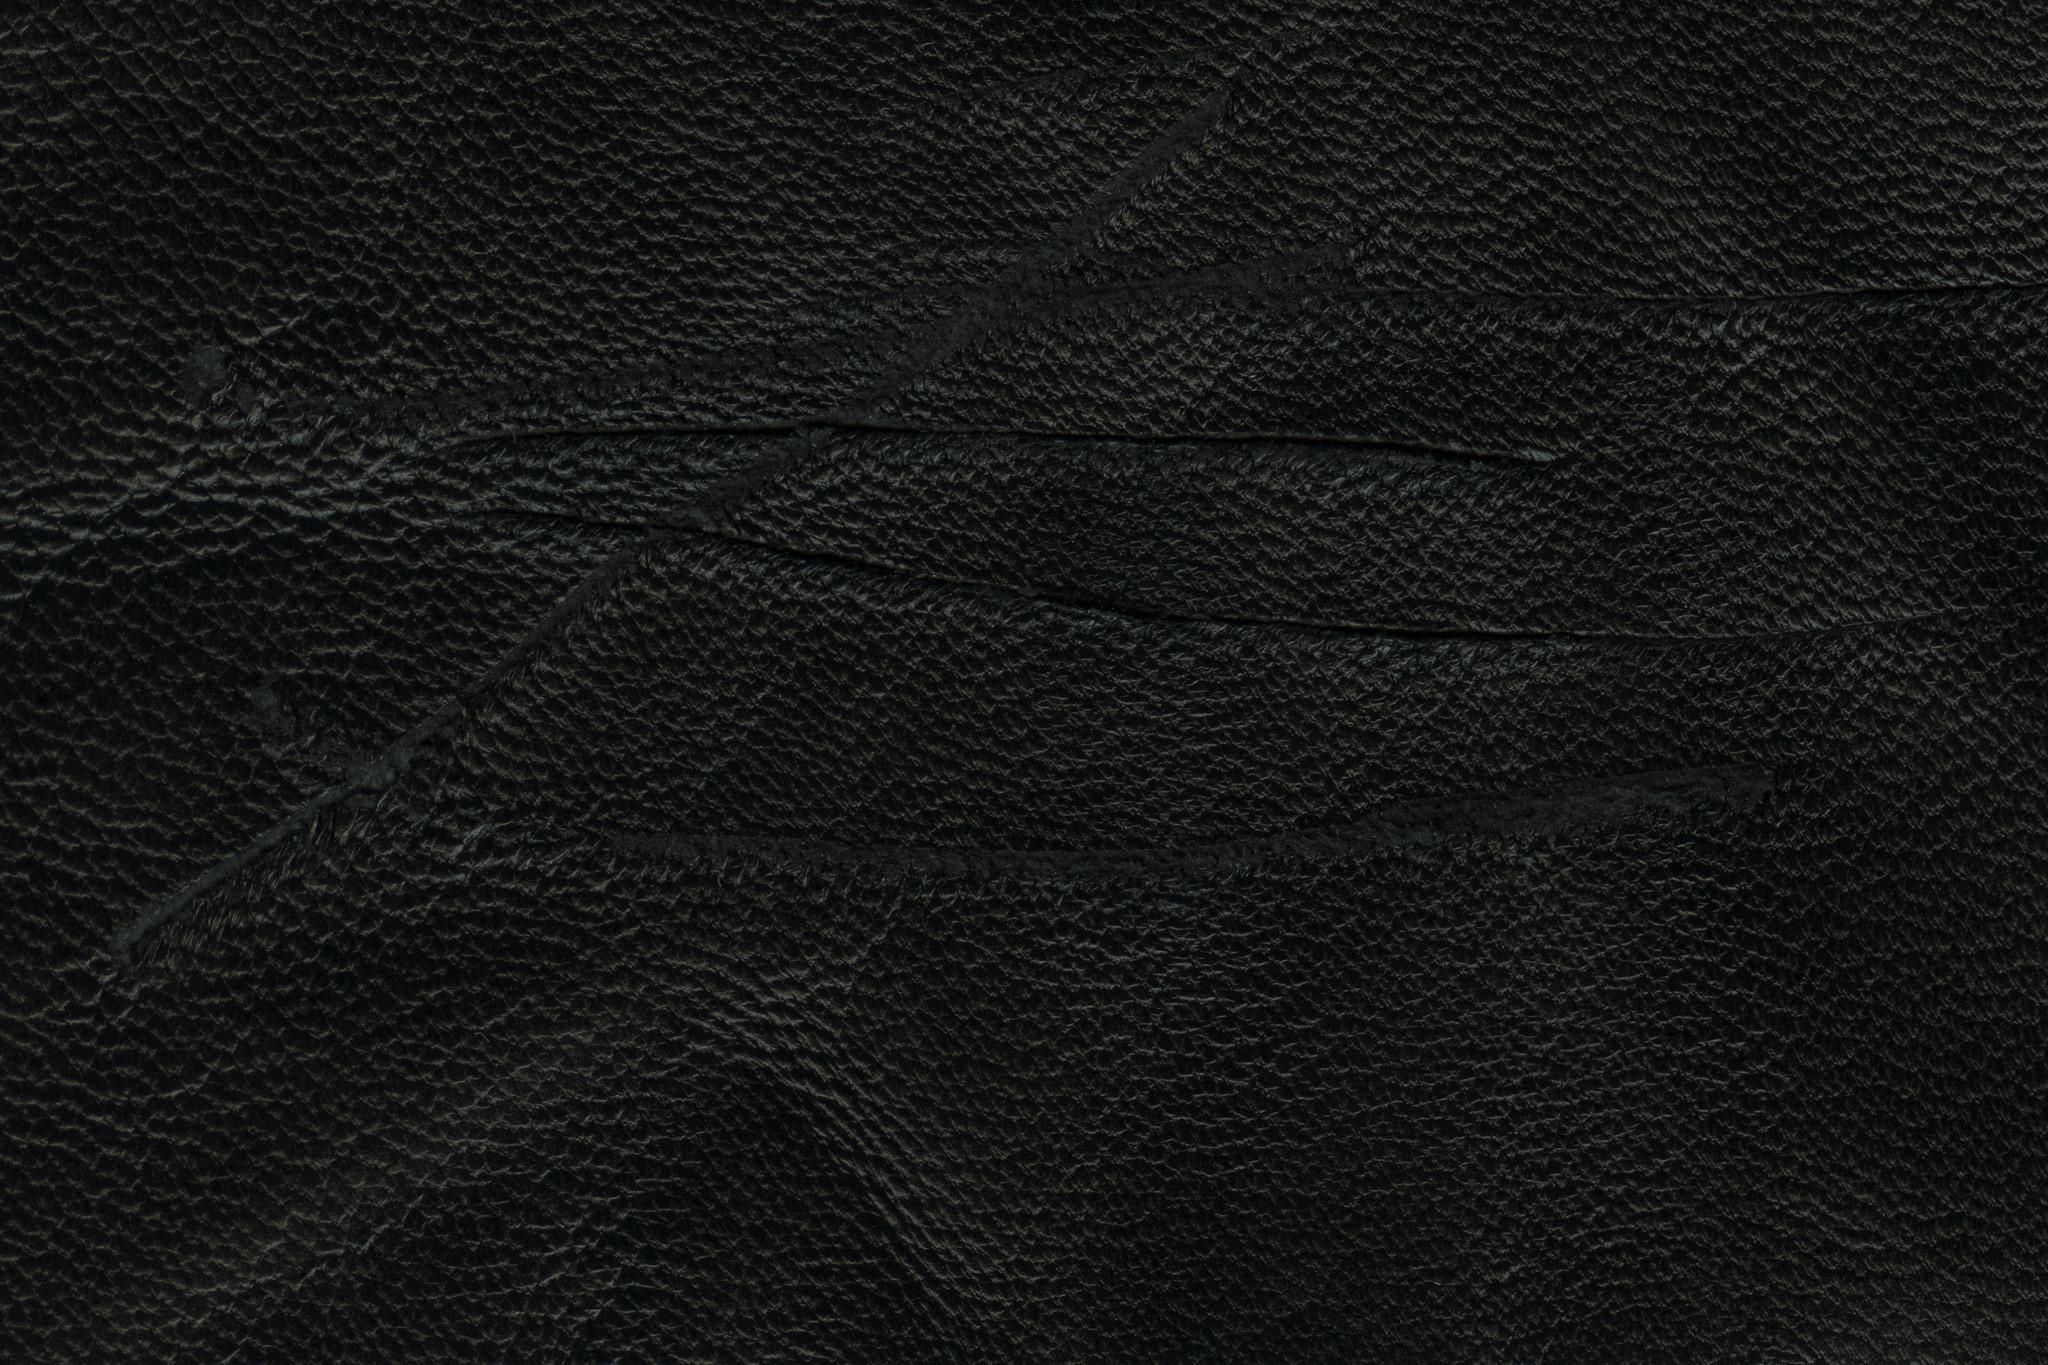 「ブラックレザー」の画像を無料ダウンロード